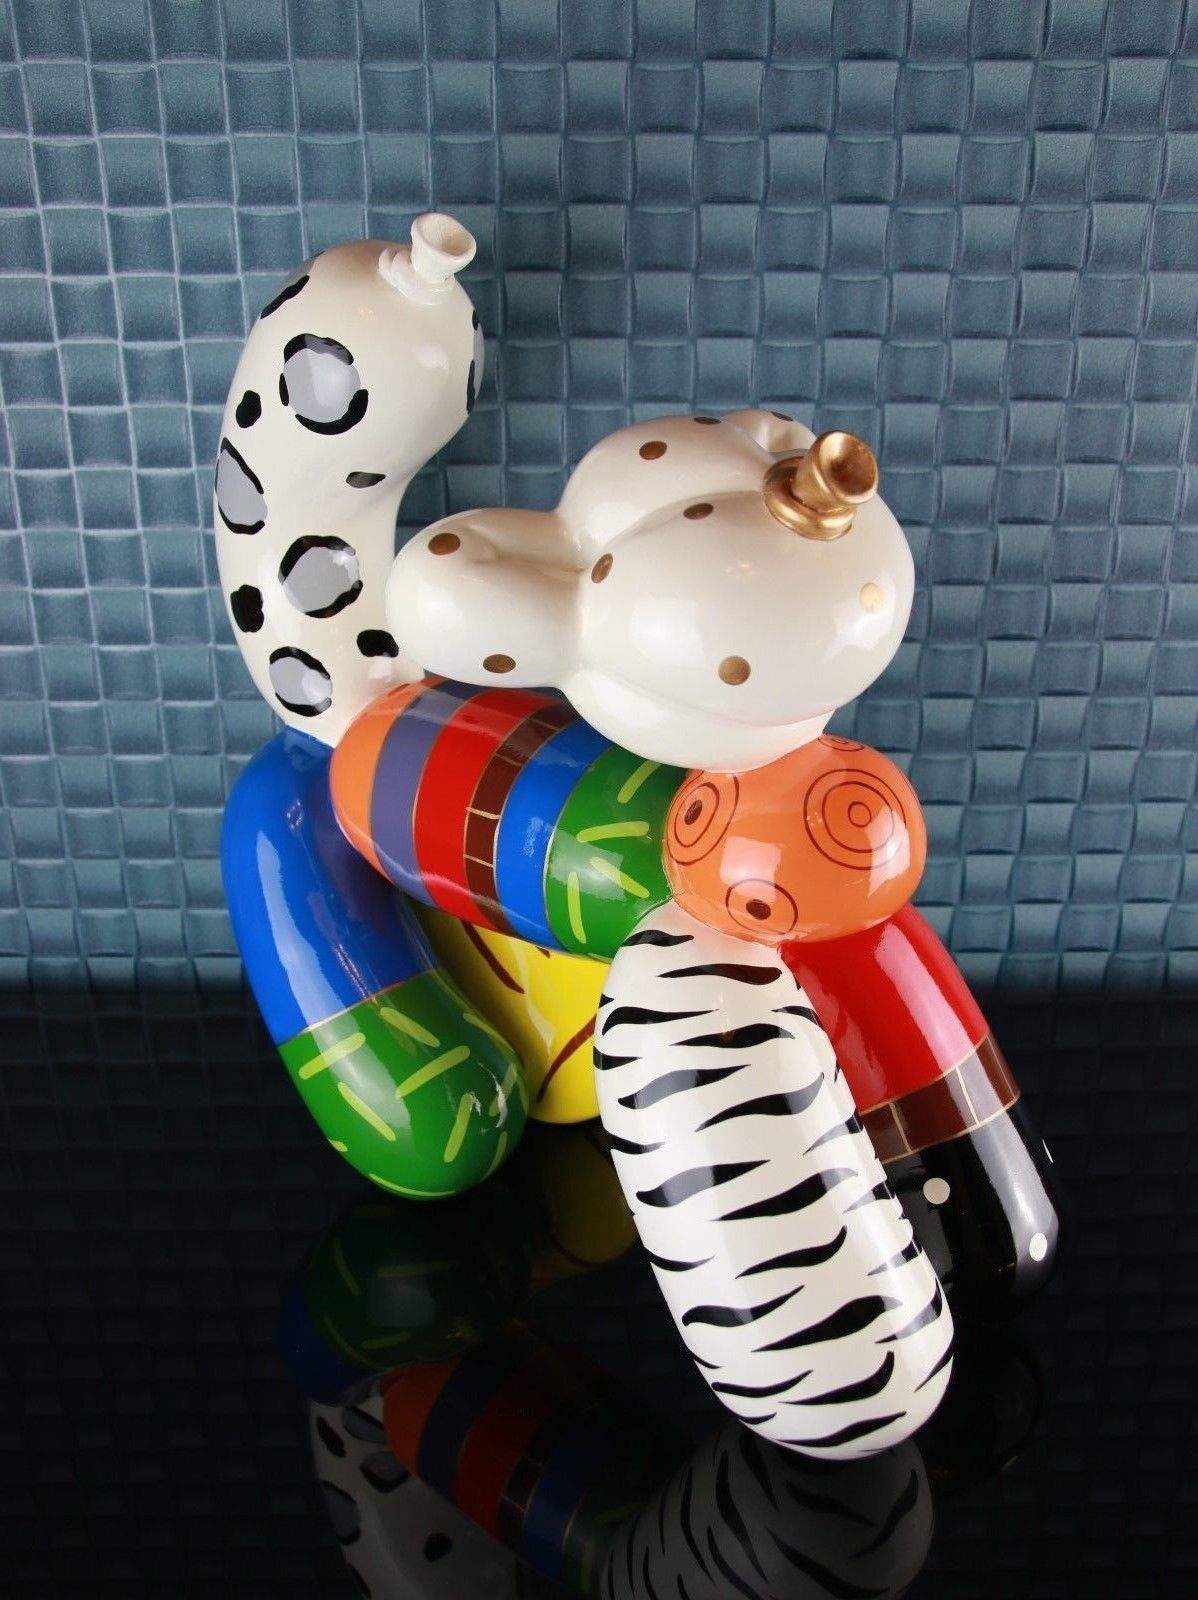 #SONDERPREIS# Hommage an Jeff Koons Balloon Cat Ballon Katze Skulptur UVP 179,-€